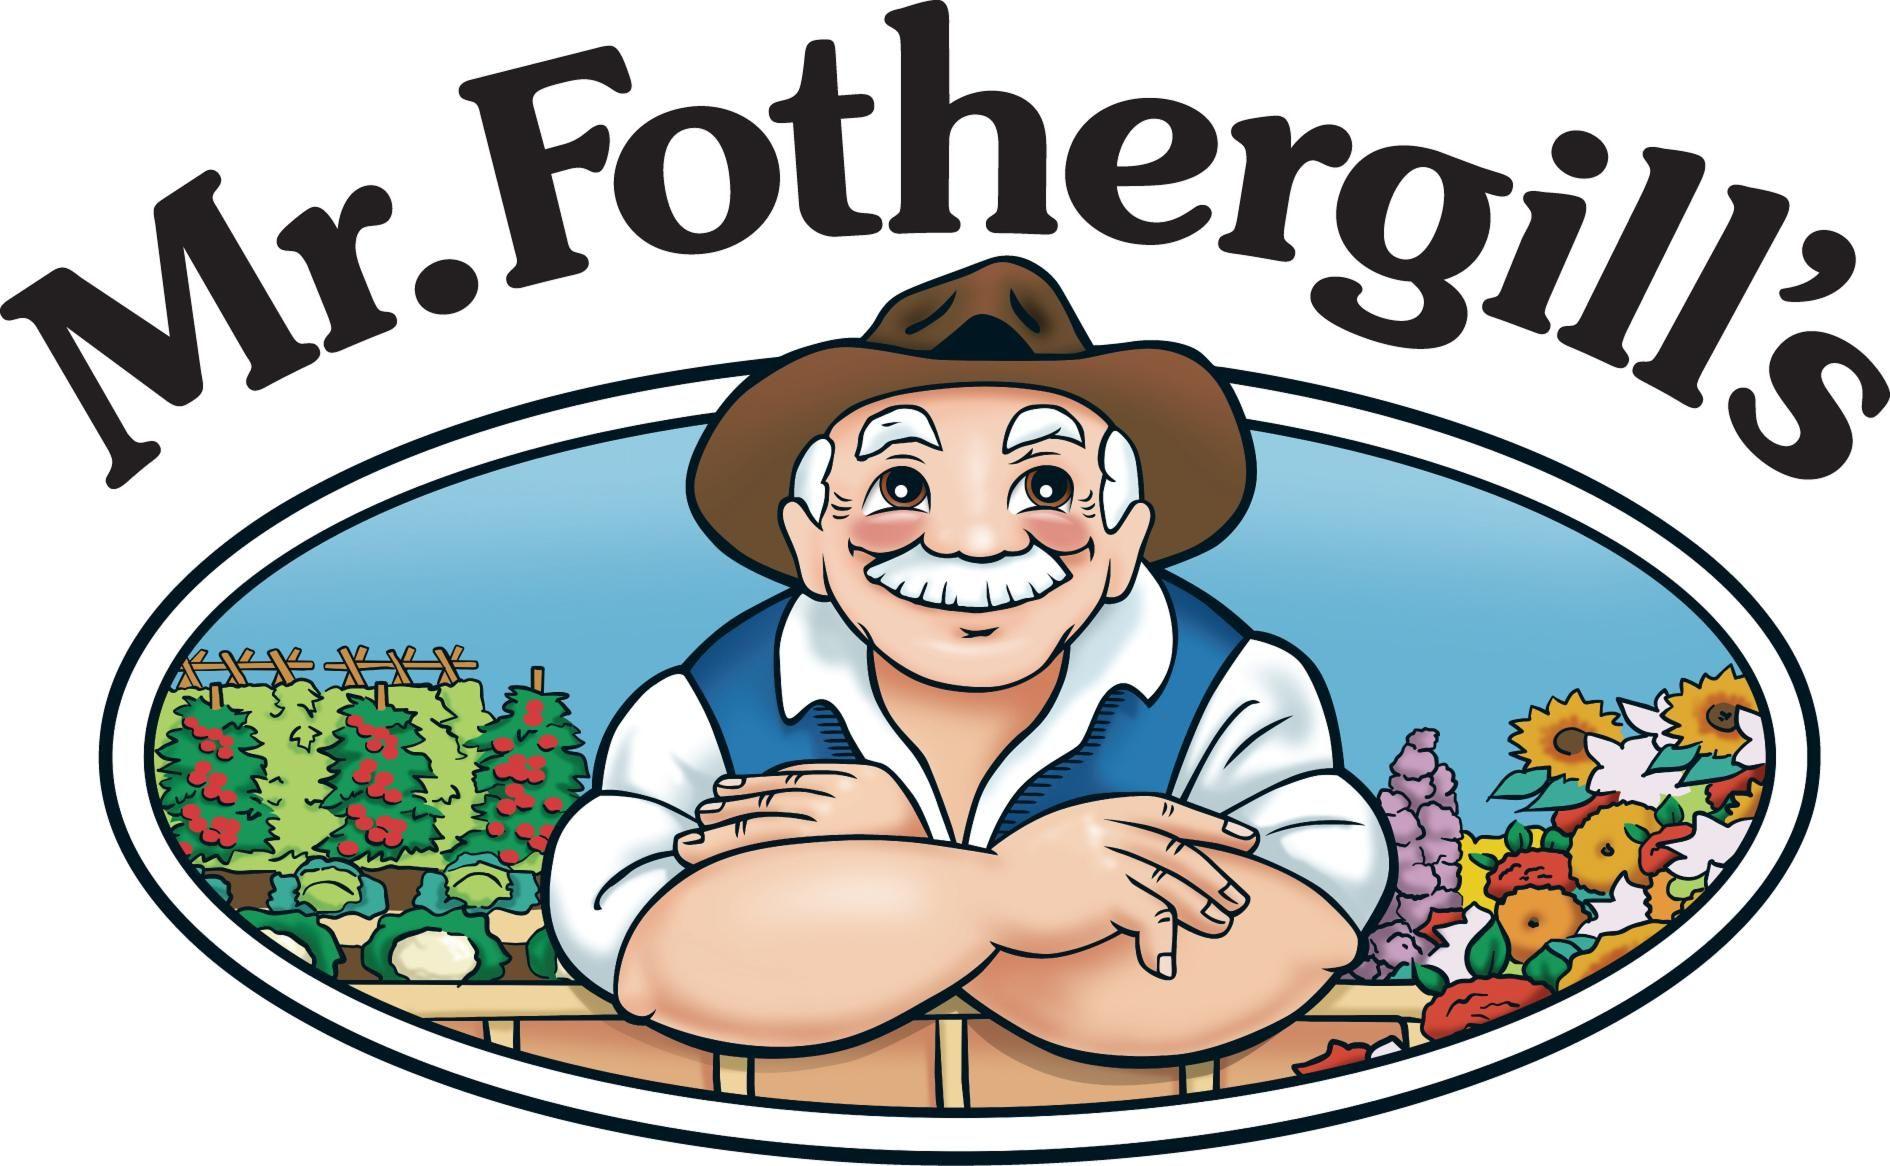 Mr Fothergills Seeds Limited